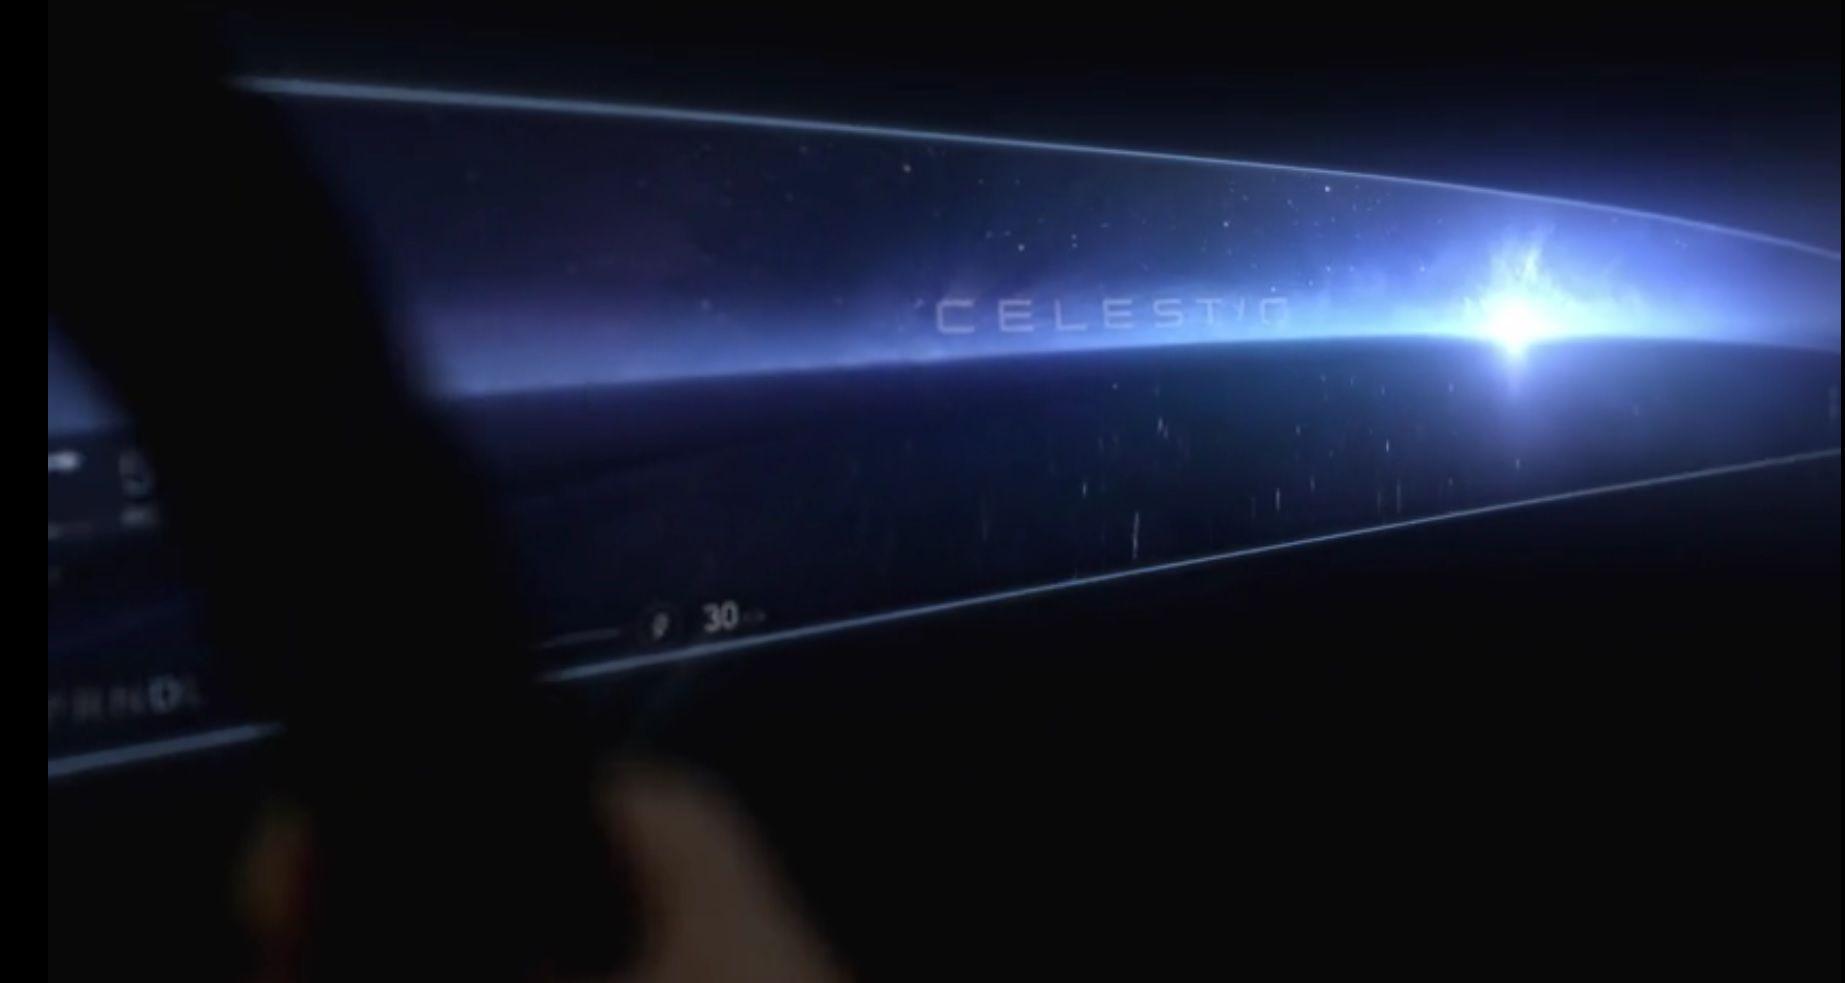 General Motors Cadillac Celestiq CES 2021